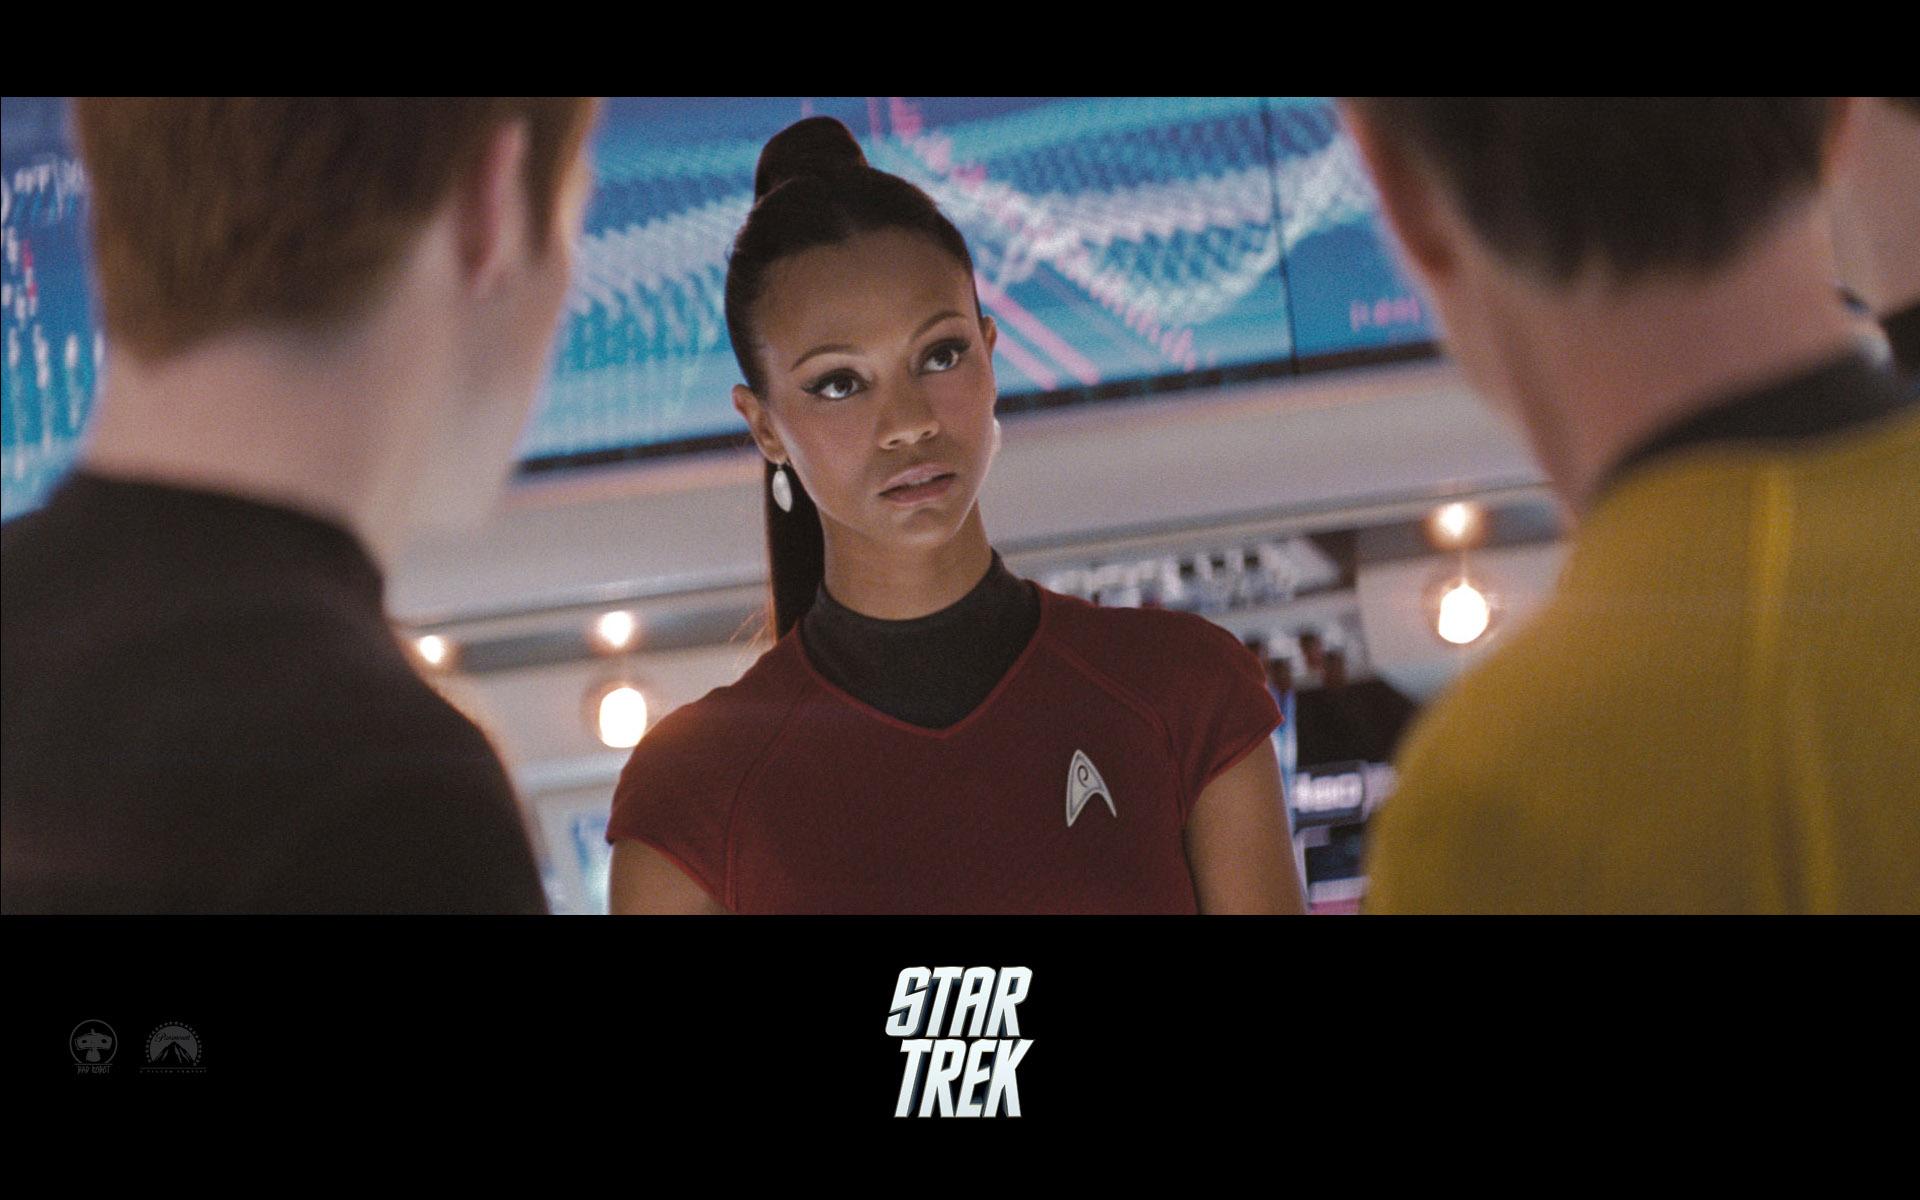 Wallpaper actrice Zoe Saldana Star Trek